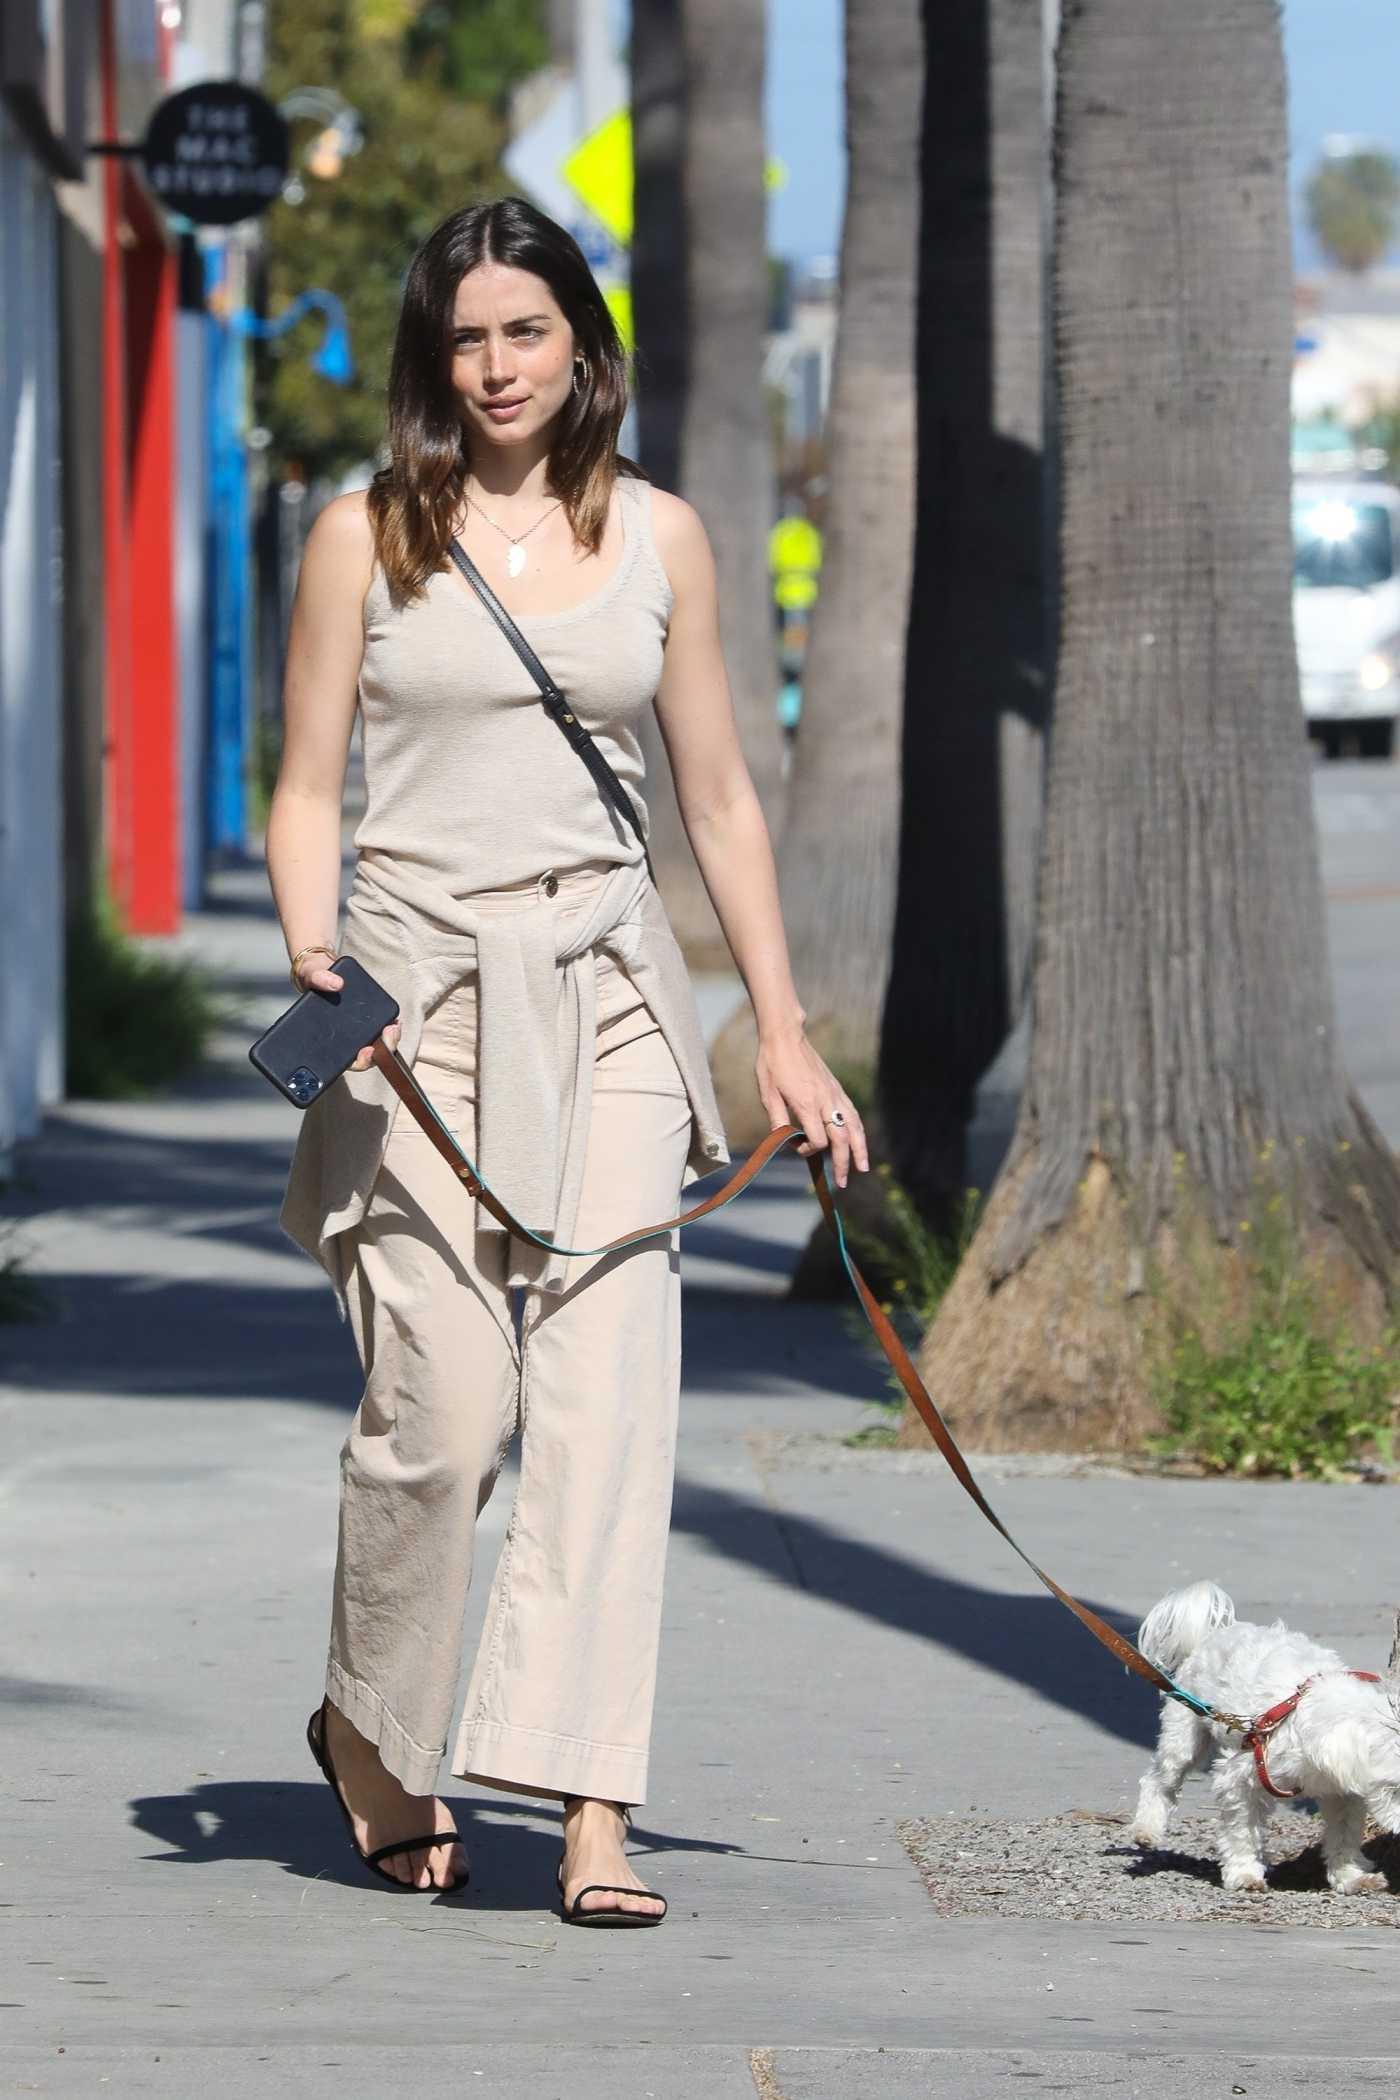 Ana de Armas in a Beige Pants Walks Her Cute Pup in Venice 04/24/2020